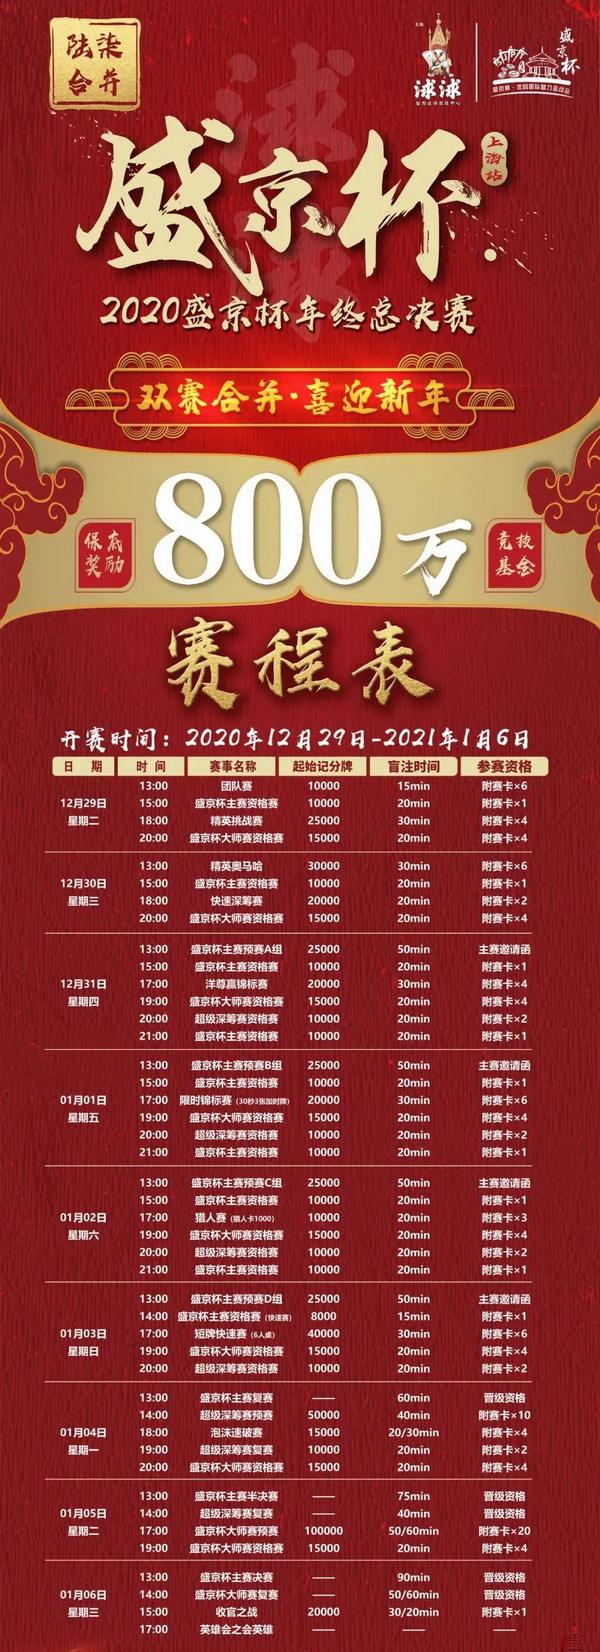 【蜗牛棋牌】【盛京杯】喜迎新年!双赛合并!2020盛京杯年终总决赛赛事预告!